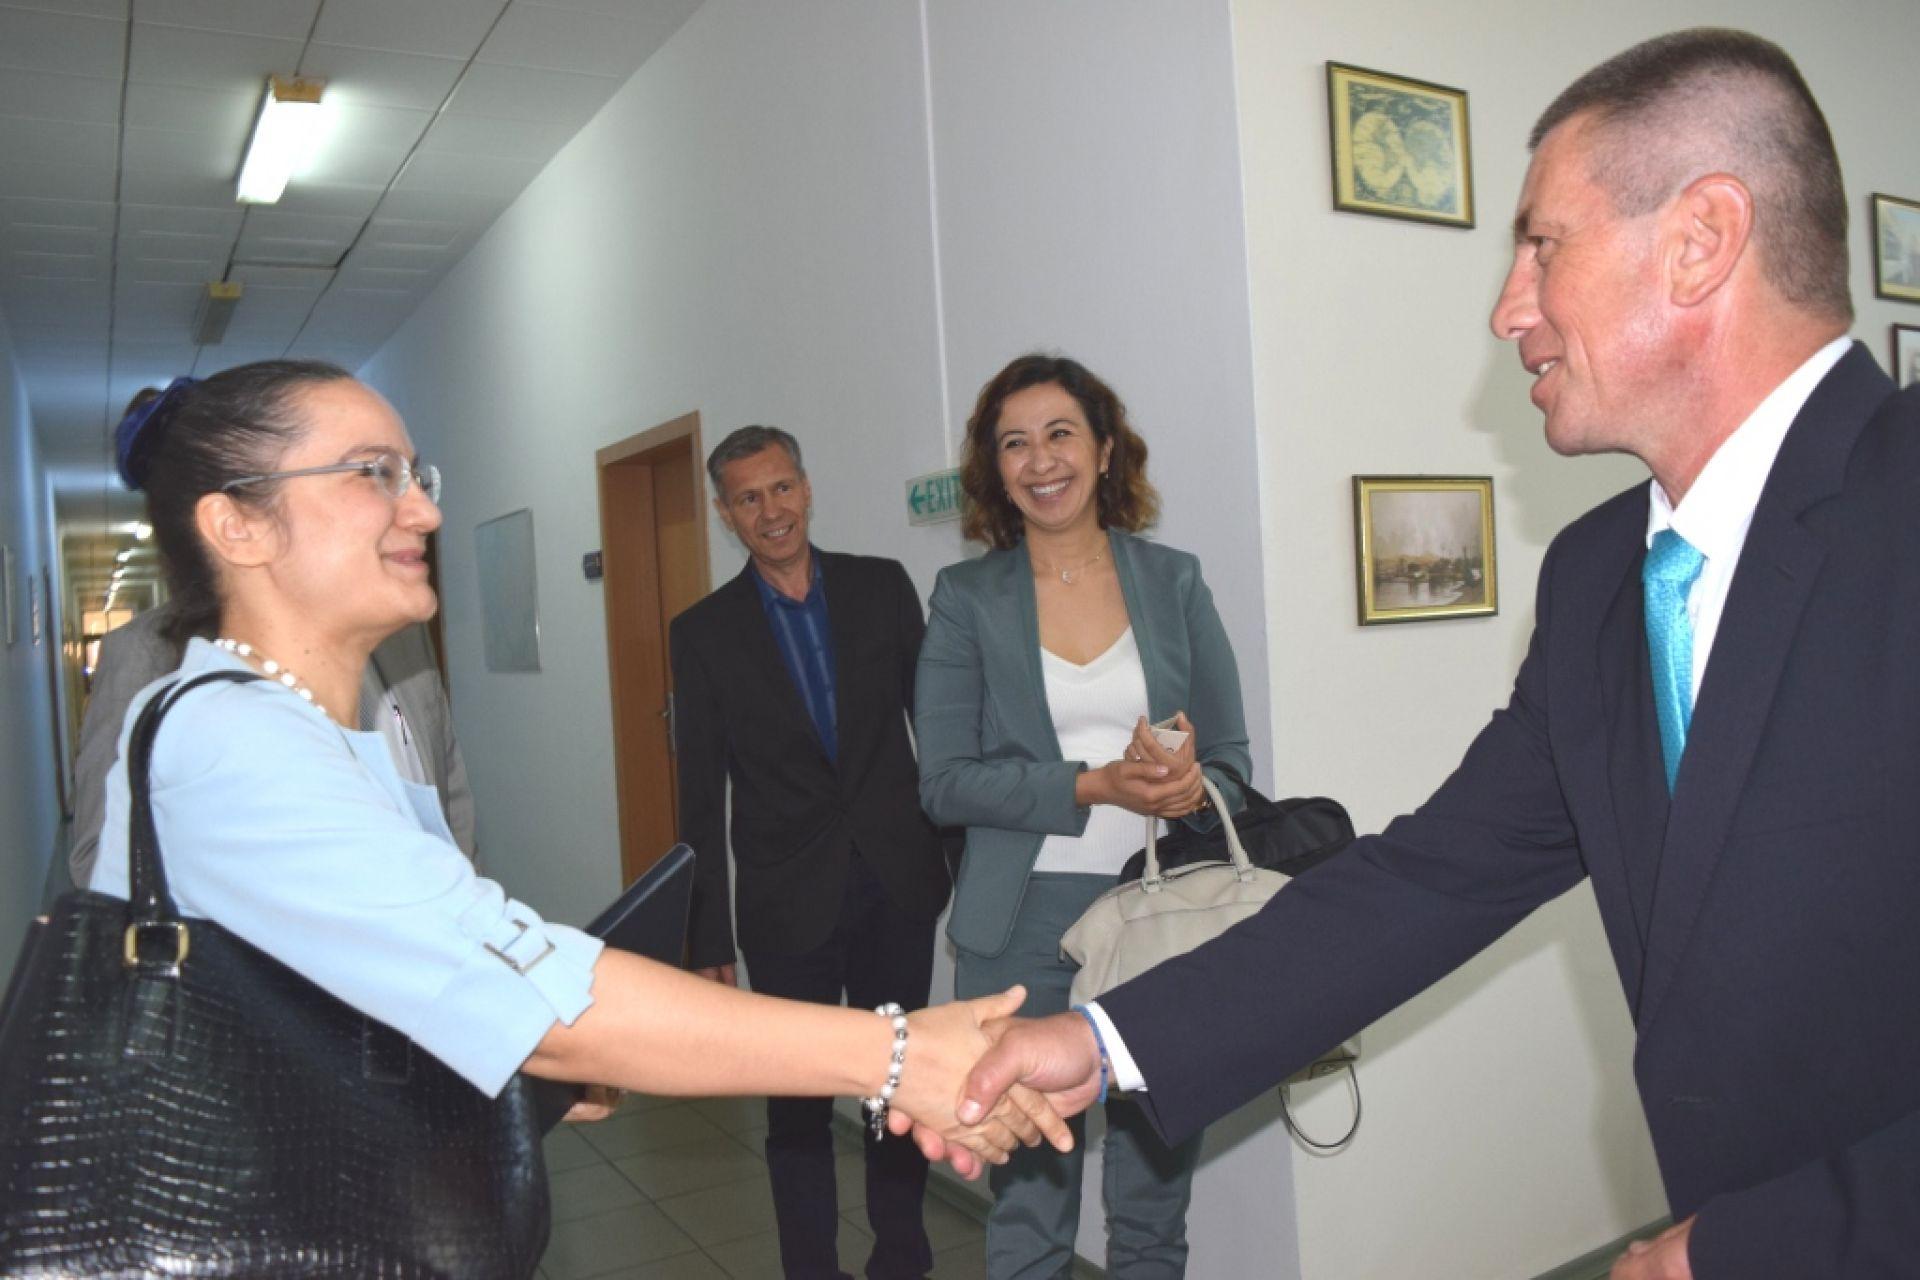 Ръководството на пристанище Бургас се срещна с делегация на Посолството и Генералното консулство на Р Турция - 18.06.2020